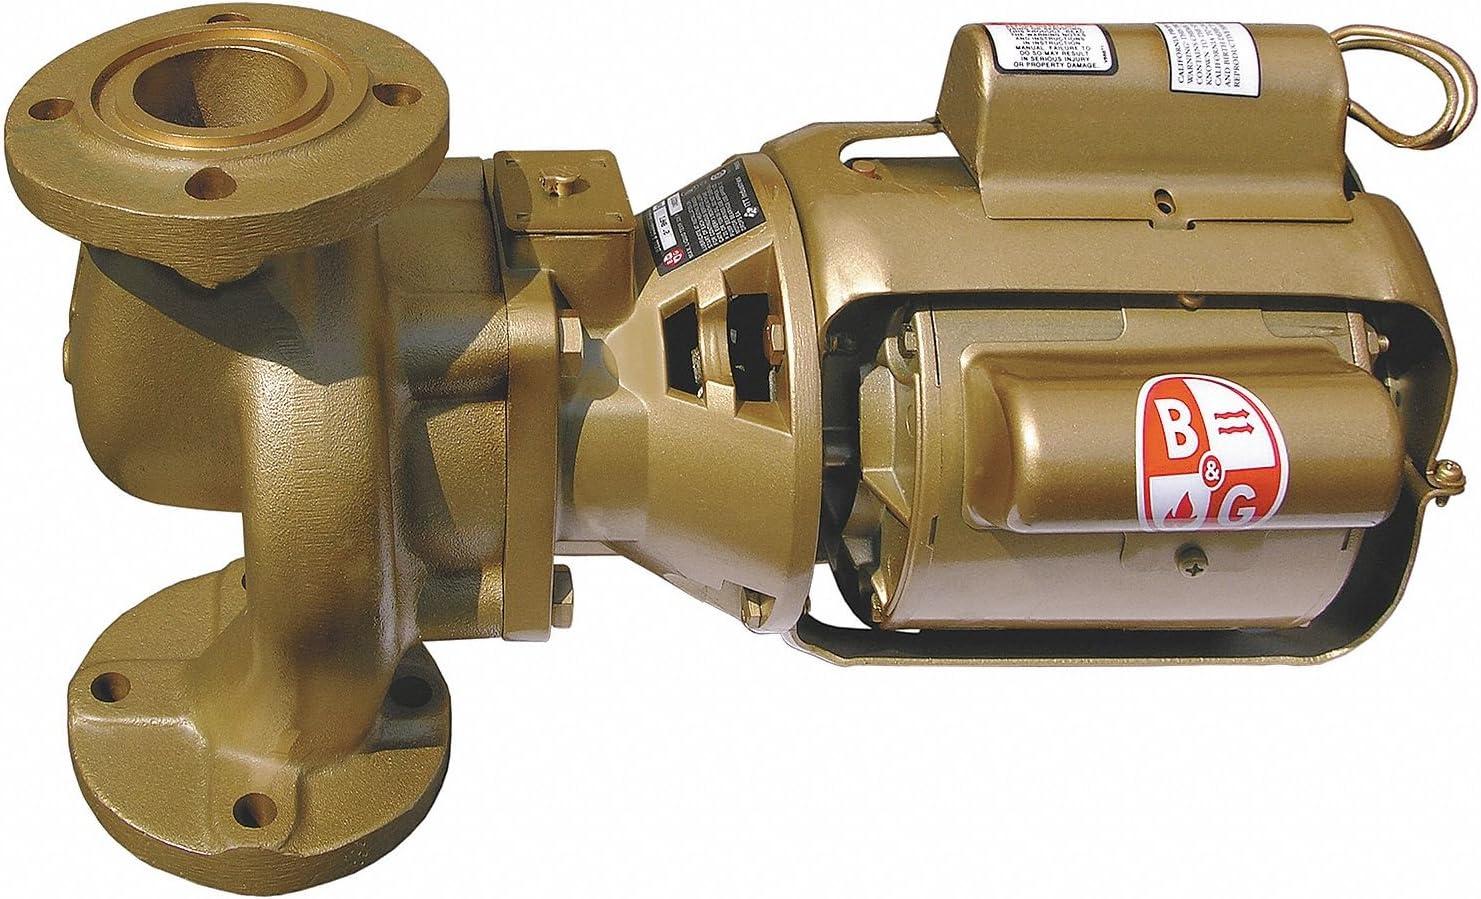 1//2 x 1//2 Size Bell /& Gossett 118723 Coupler for Series 2-1//2 LD3 Pumps HD3